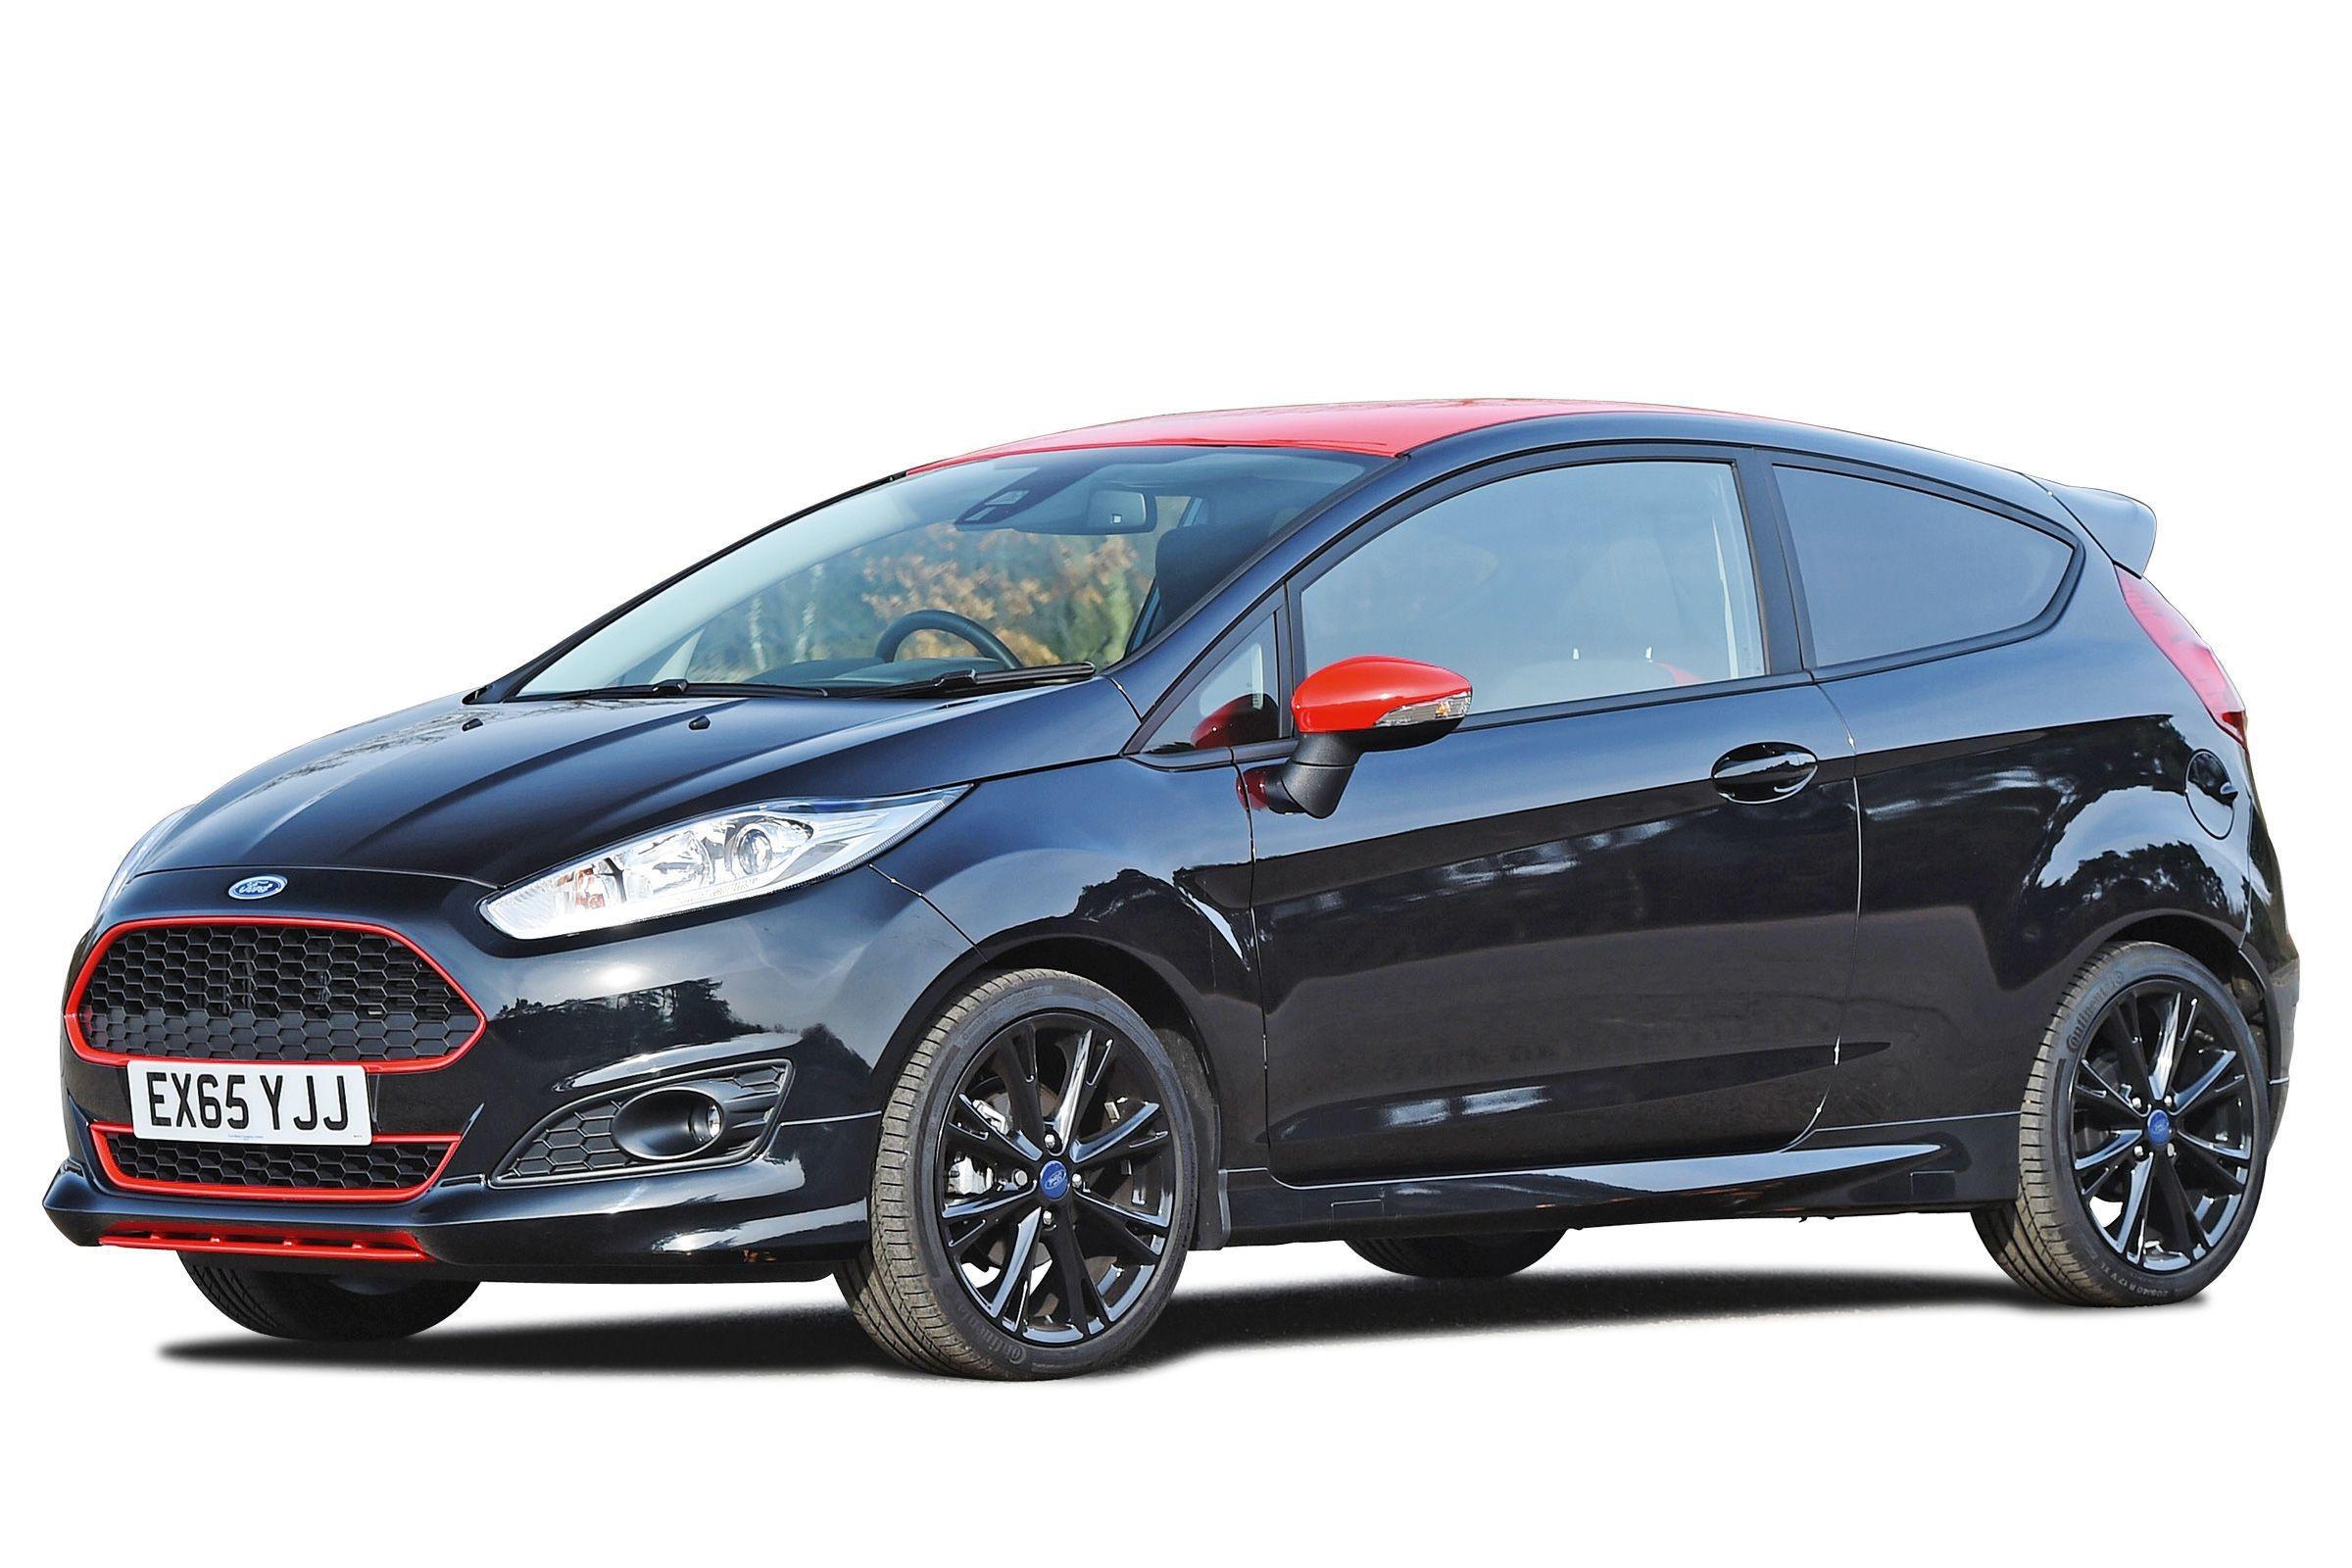 Ford Fiesta HQ